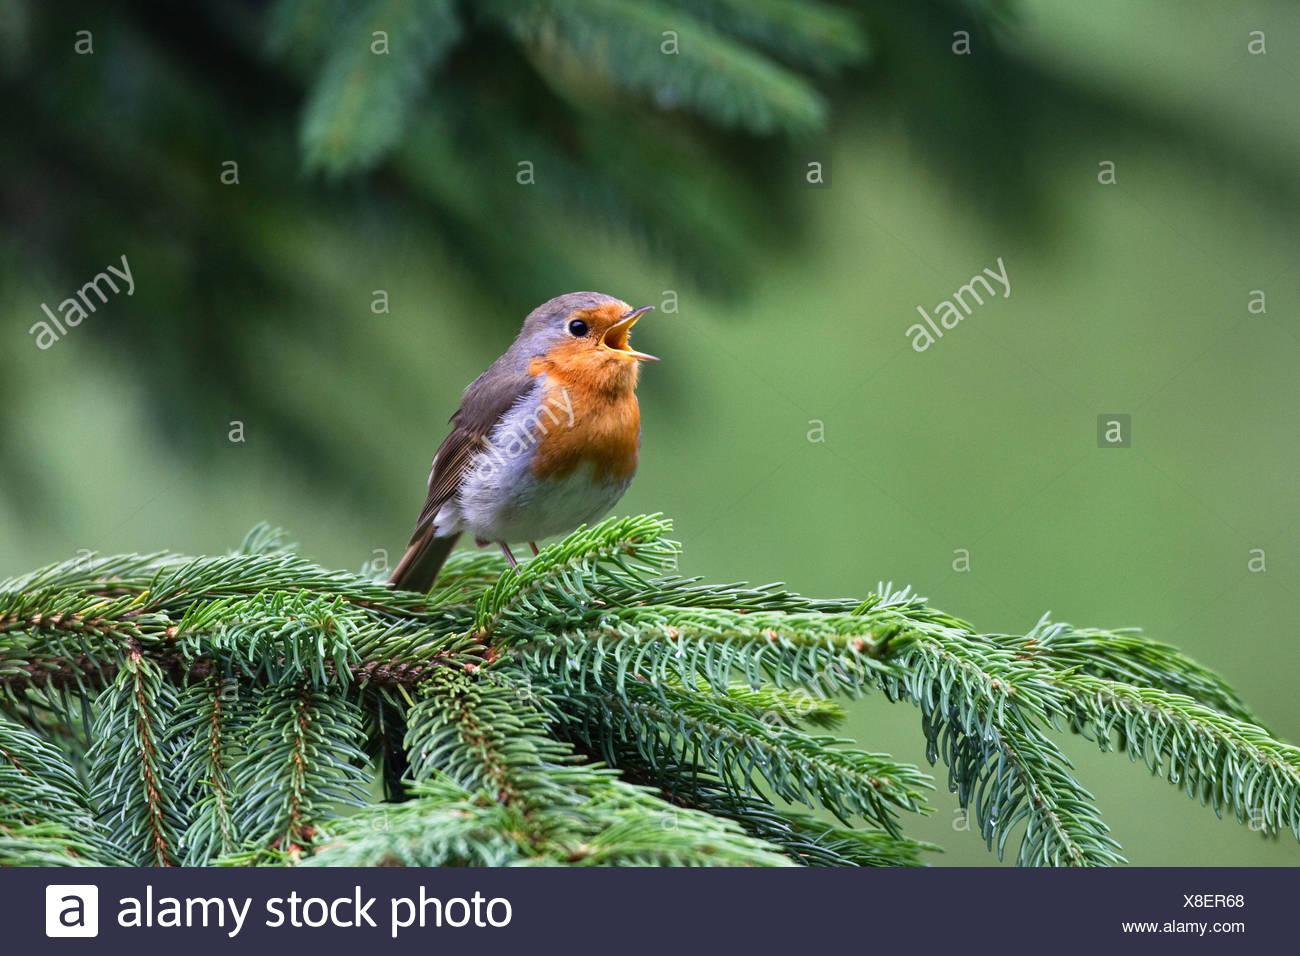 European robin (Erithacus rubecula) singing, Bavaria, Germany, Europe - Stock Image